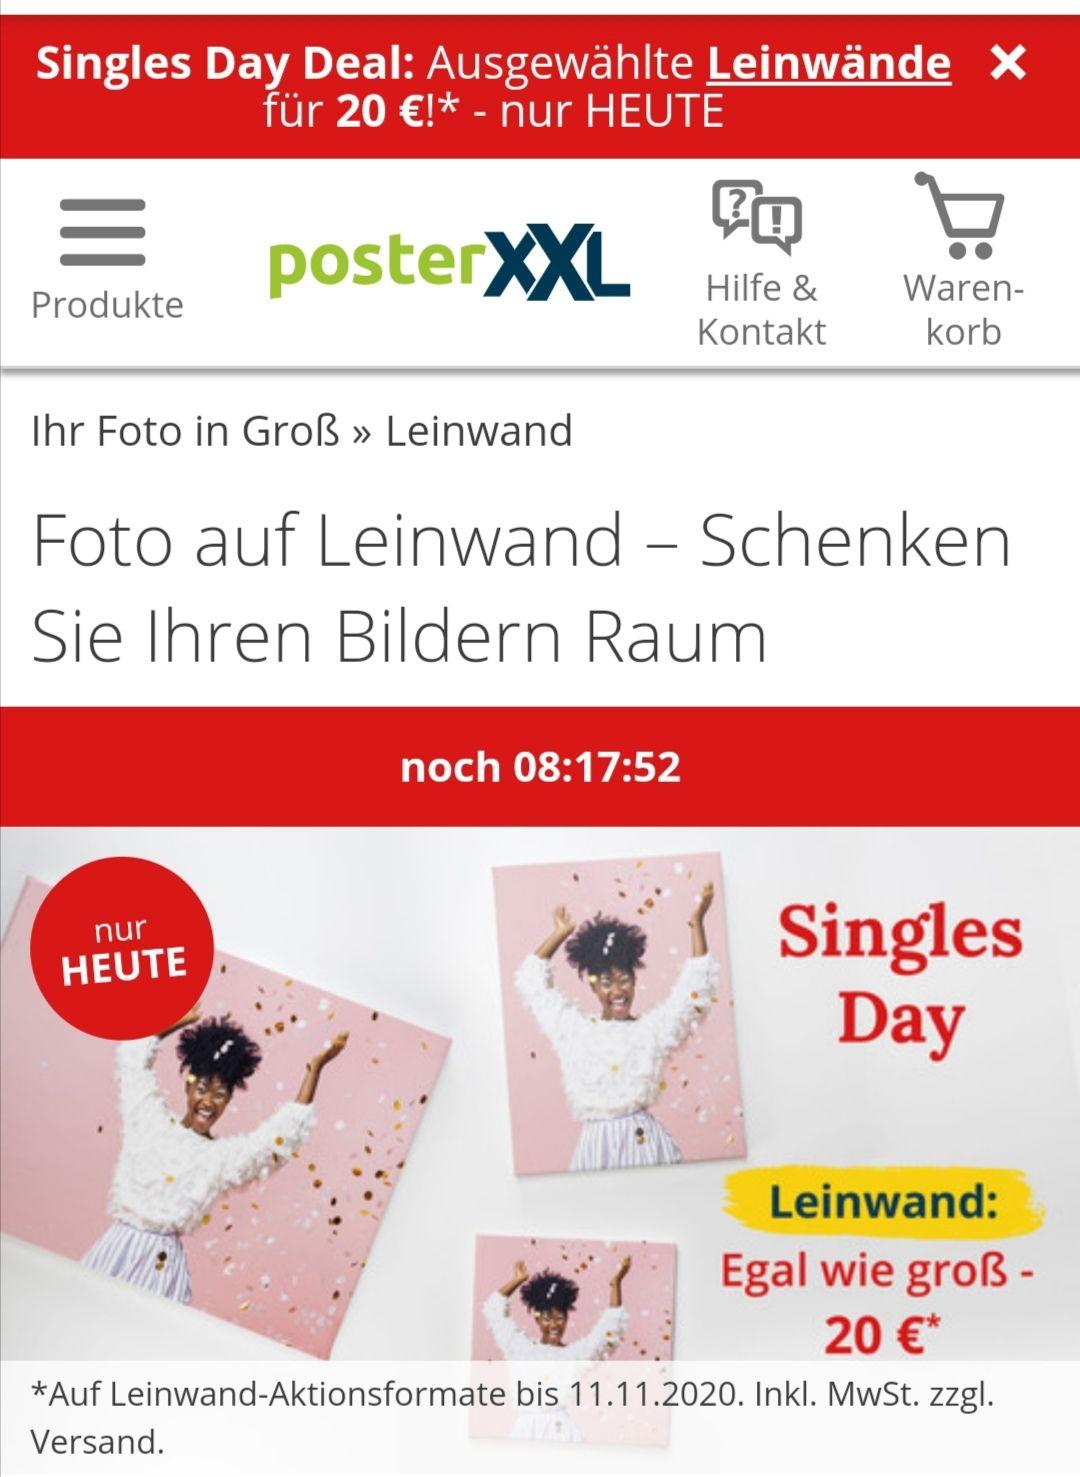 Singles Day Poster XXL alle ausgewählten Leinwände, Aktionsgrößen für 20€